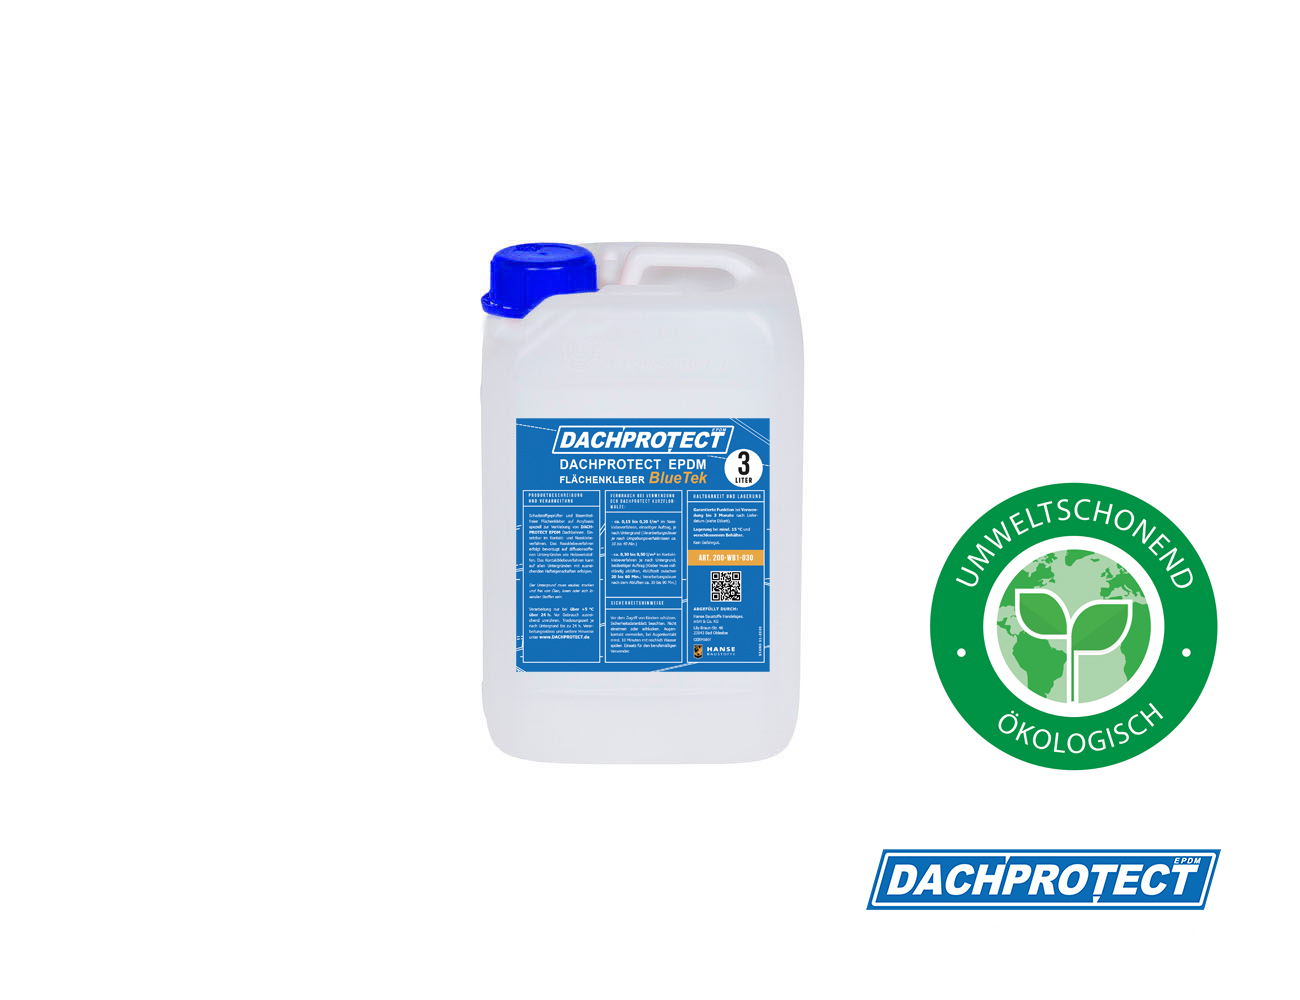 DACHPROTECT BlueTek 3 L